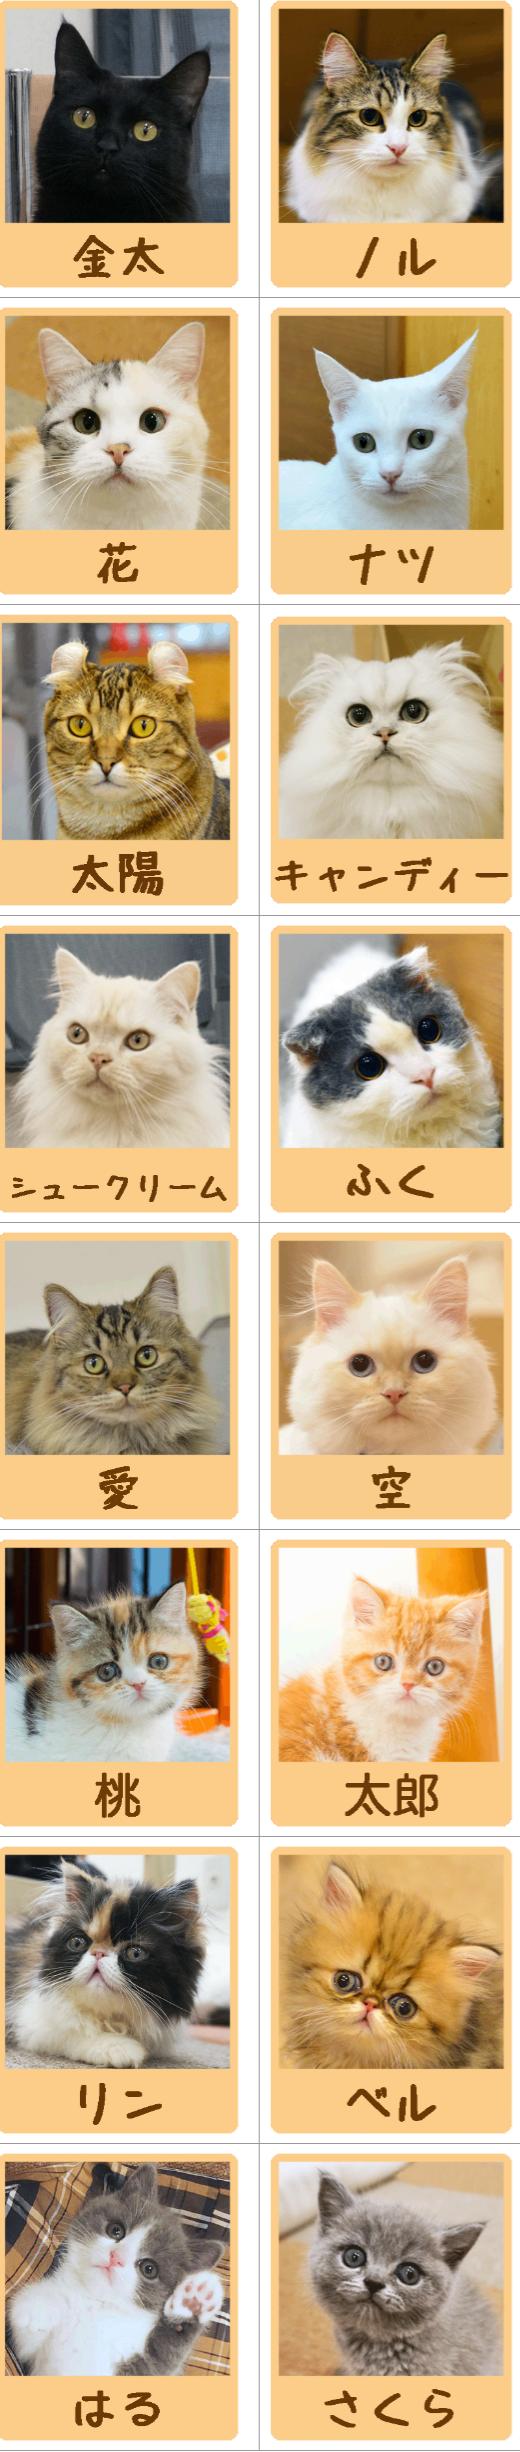 猫ちゃんご紹介